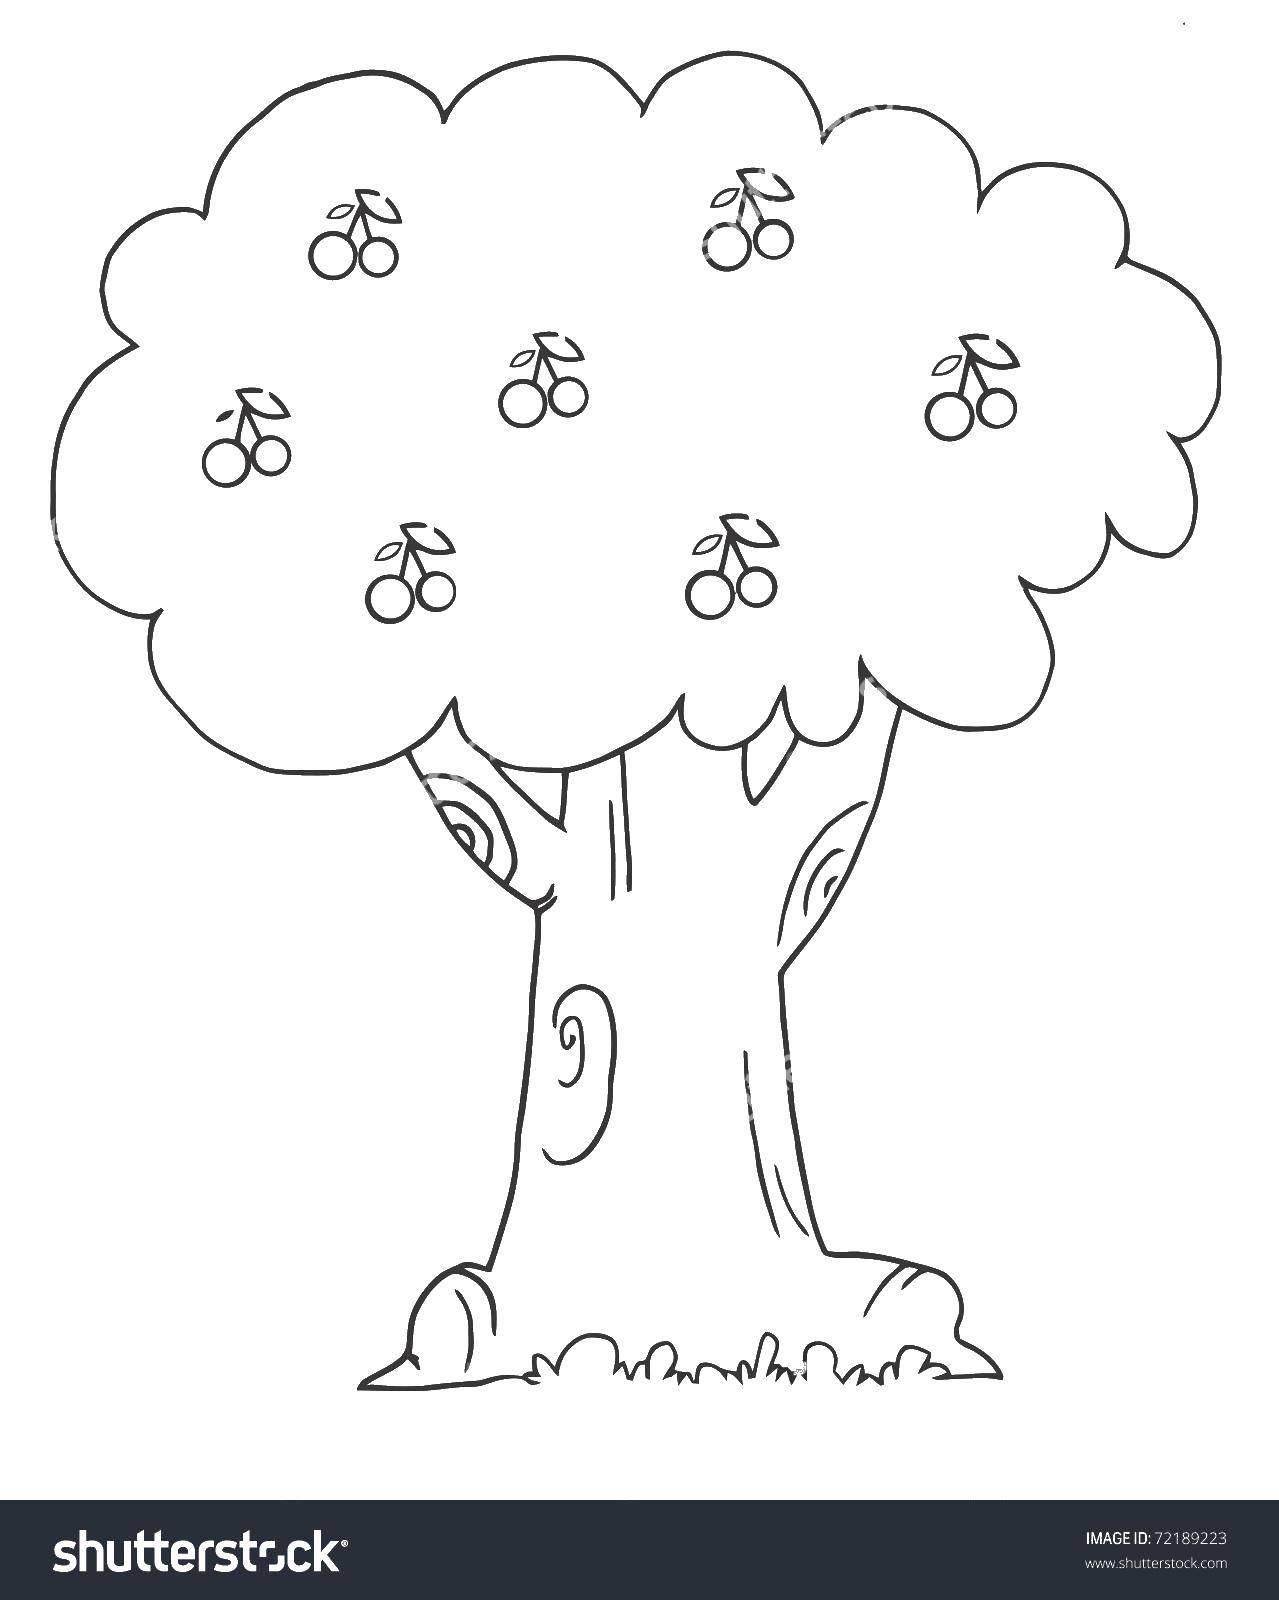 Раскраски Раскраска Высохщие деревья Контур дерева